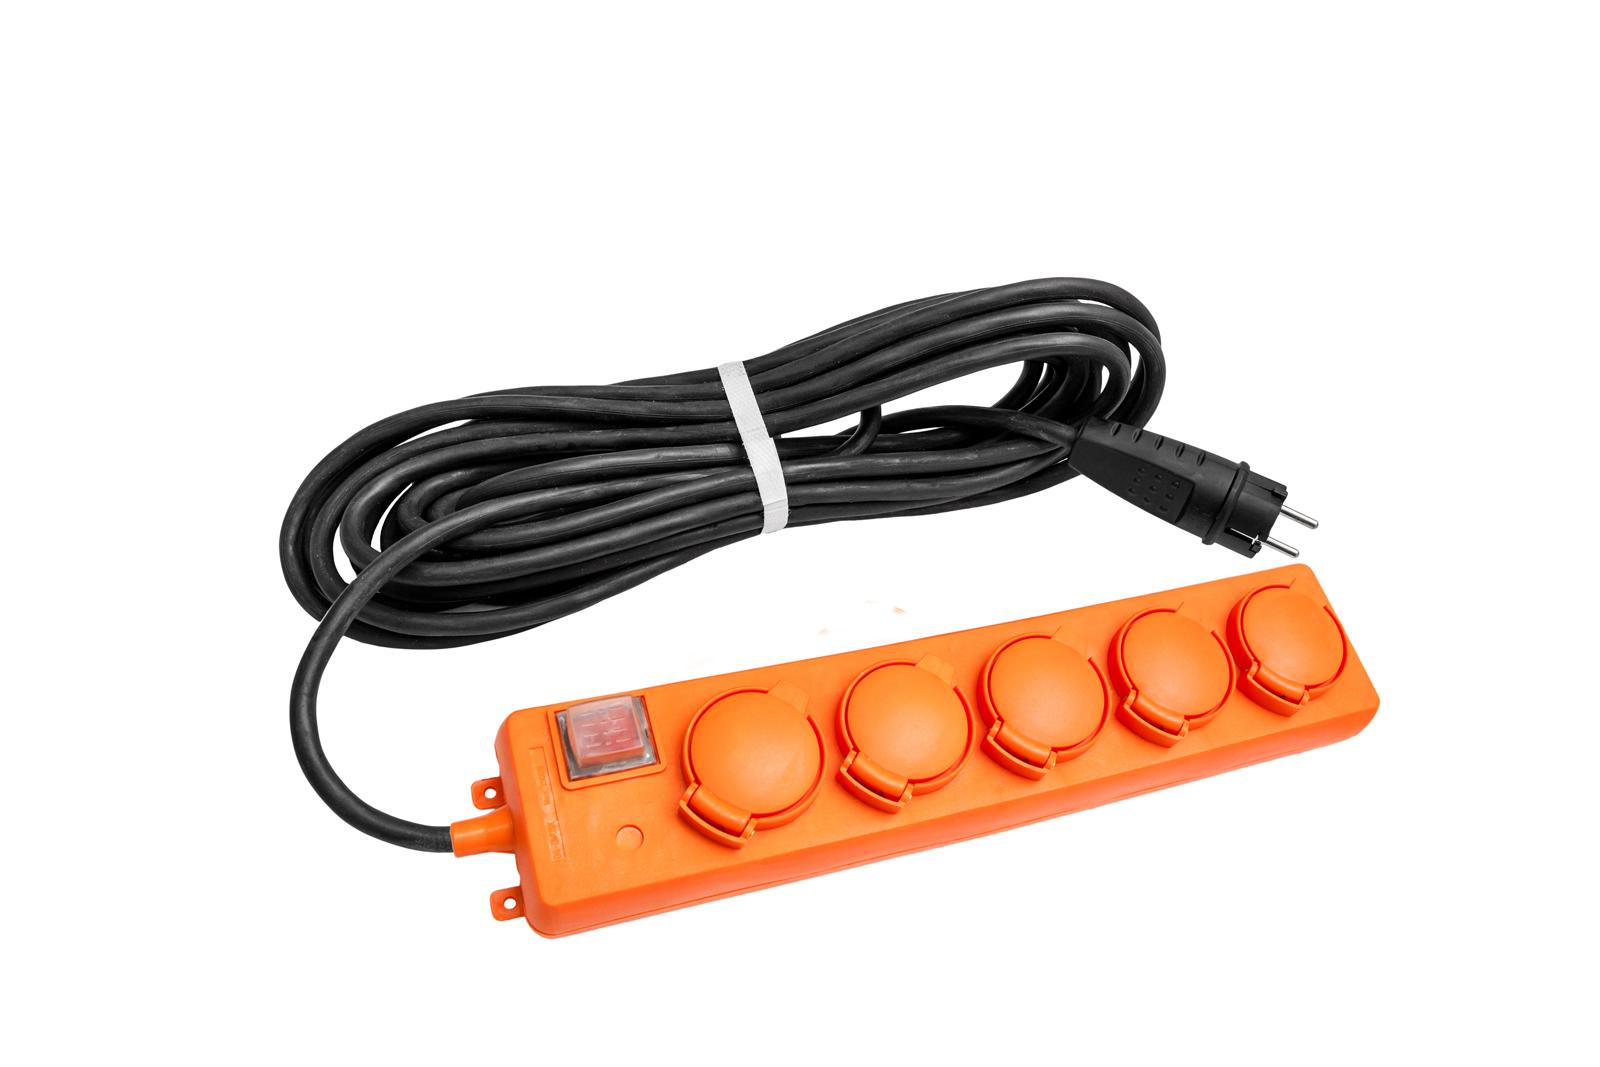 Удлинитель Universal У10-026 ip-44 КГ 3*1,5 5гнезд 10м